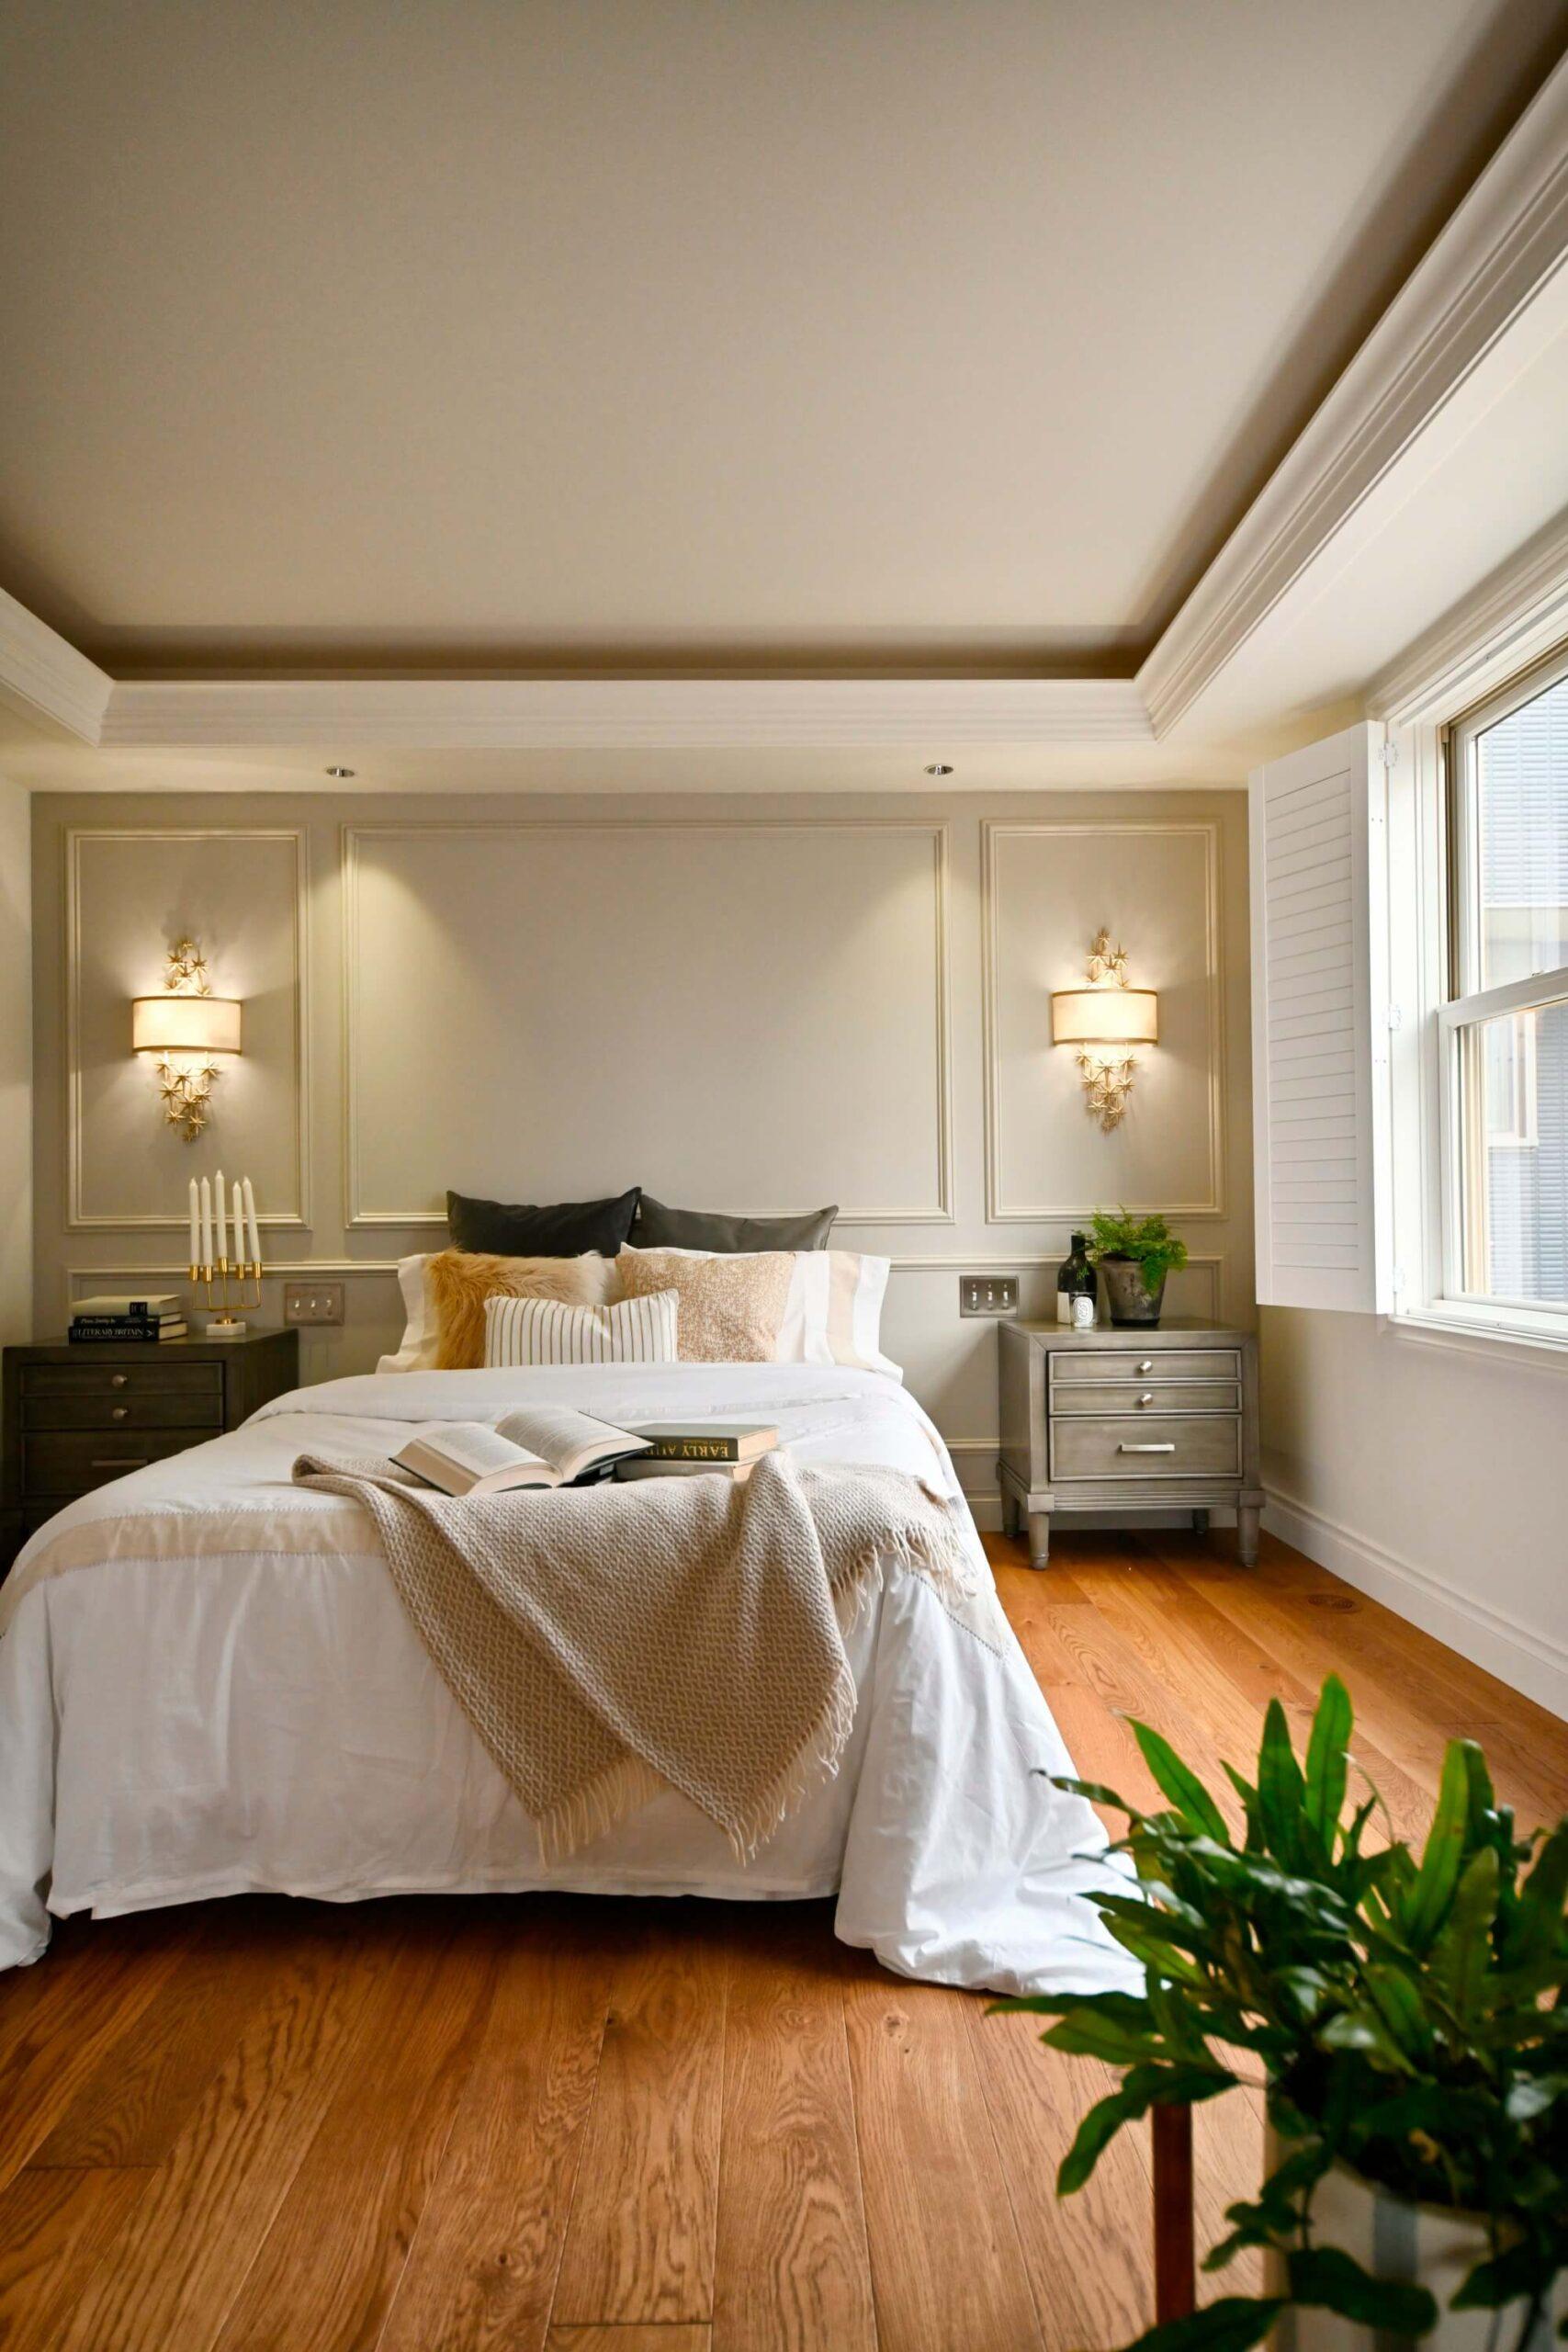 パリスタイルの本格輸入住宅の寝室